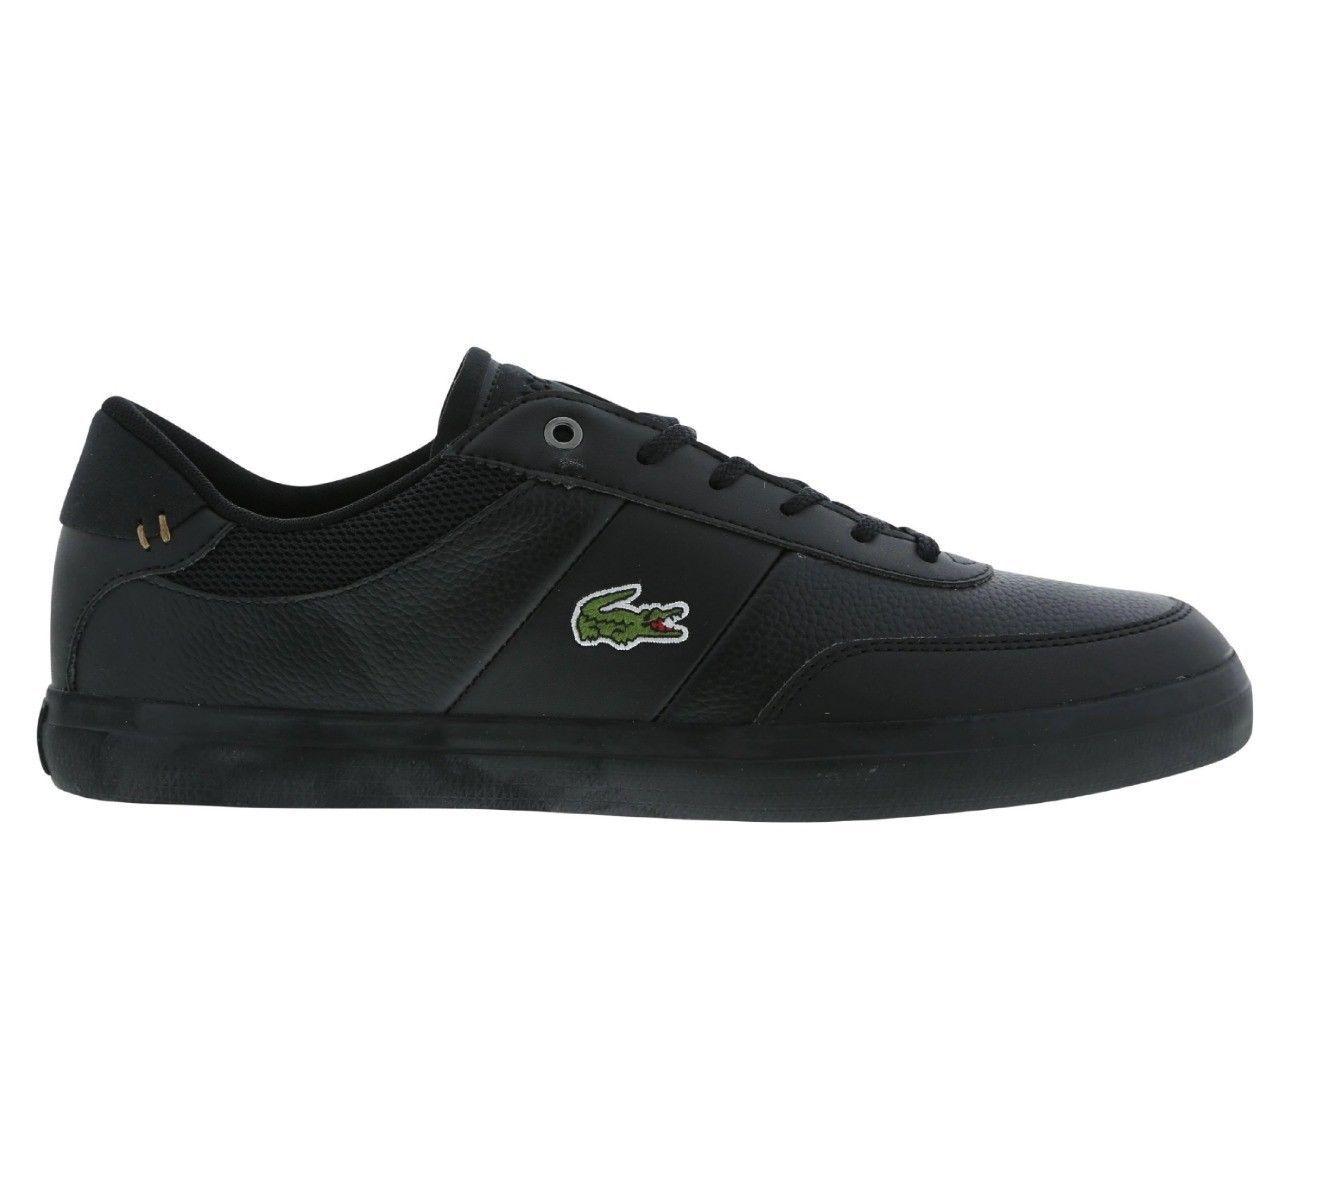 Lacoste Cour Master 4171FLE Cam Cam Cam Homme Sneaker Chaussures en cuir-Noir | Matière Choisie  22527f